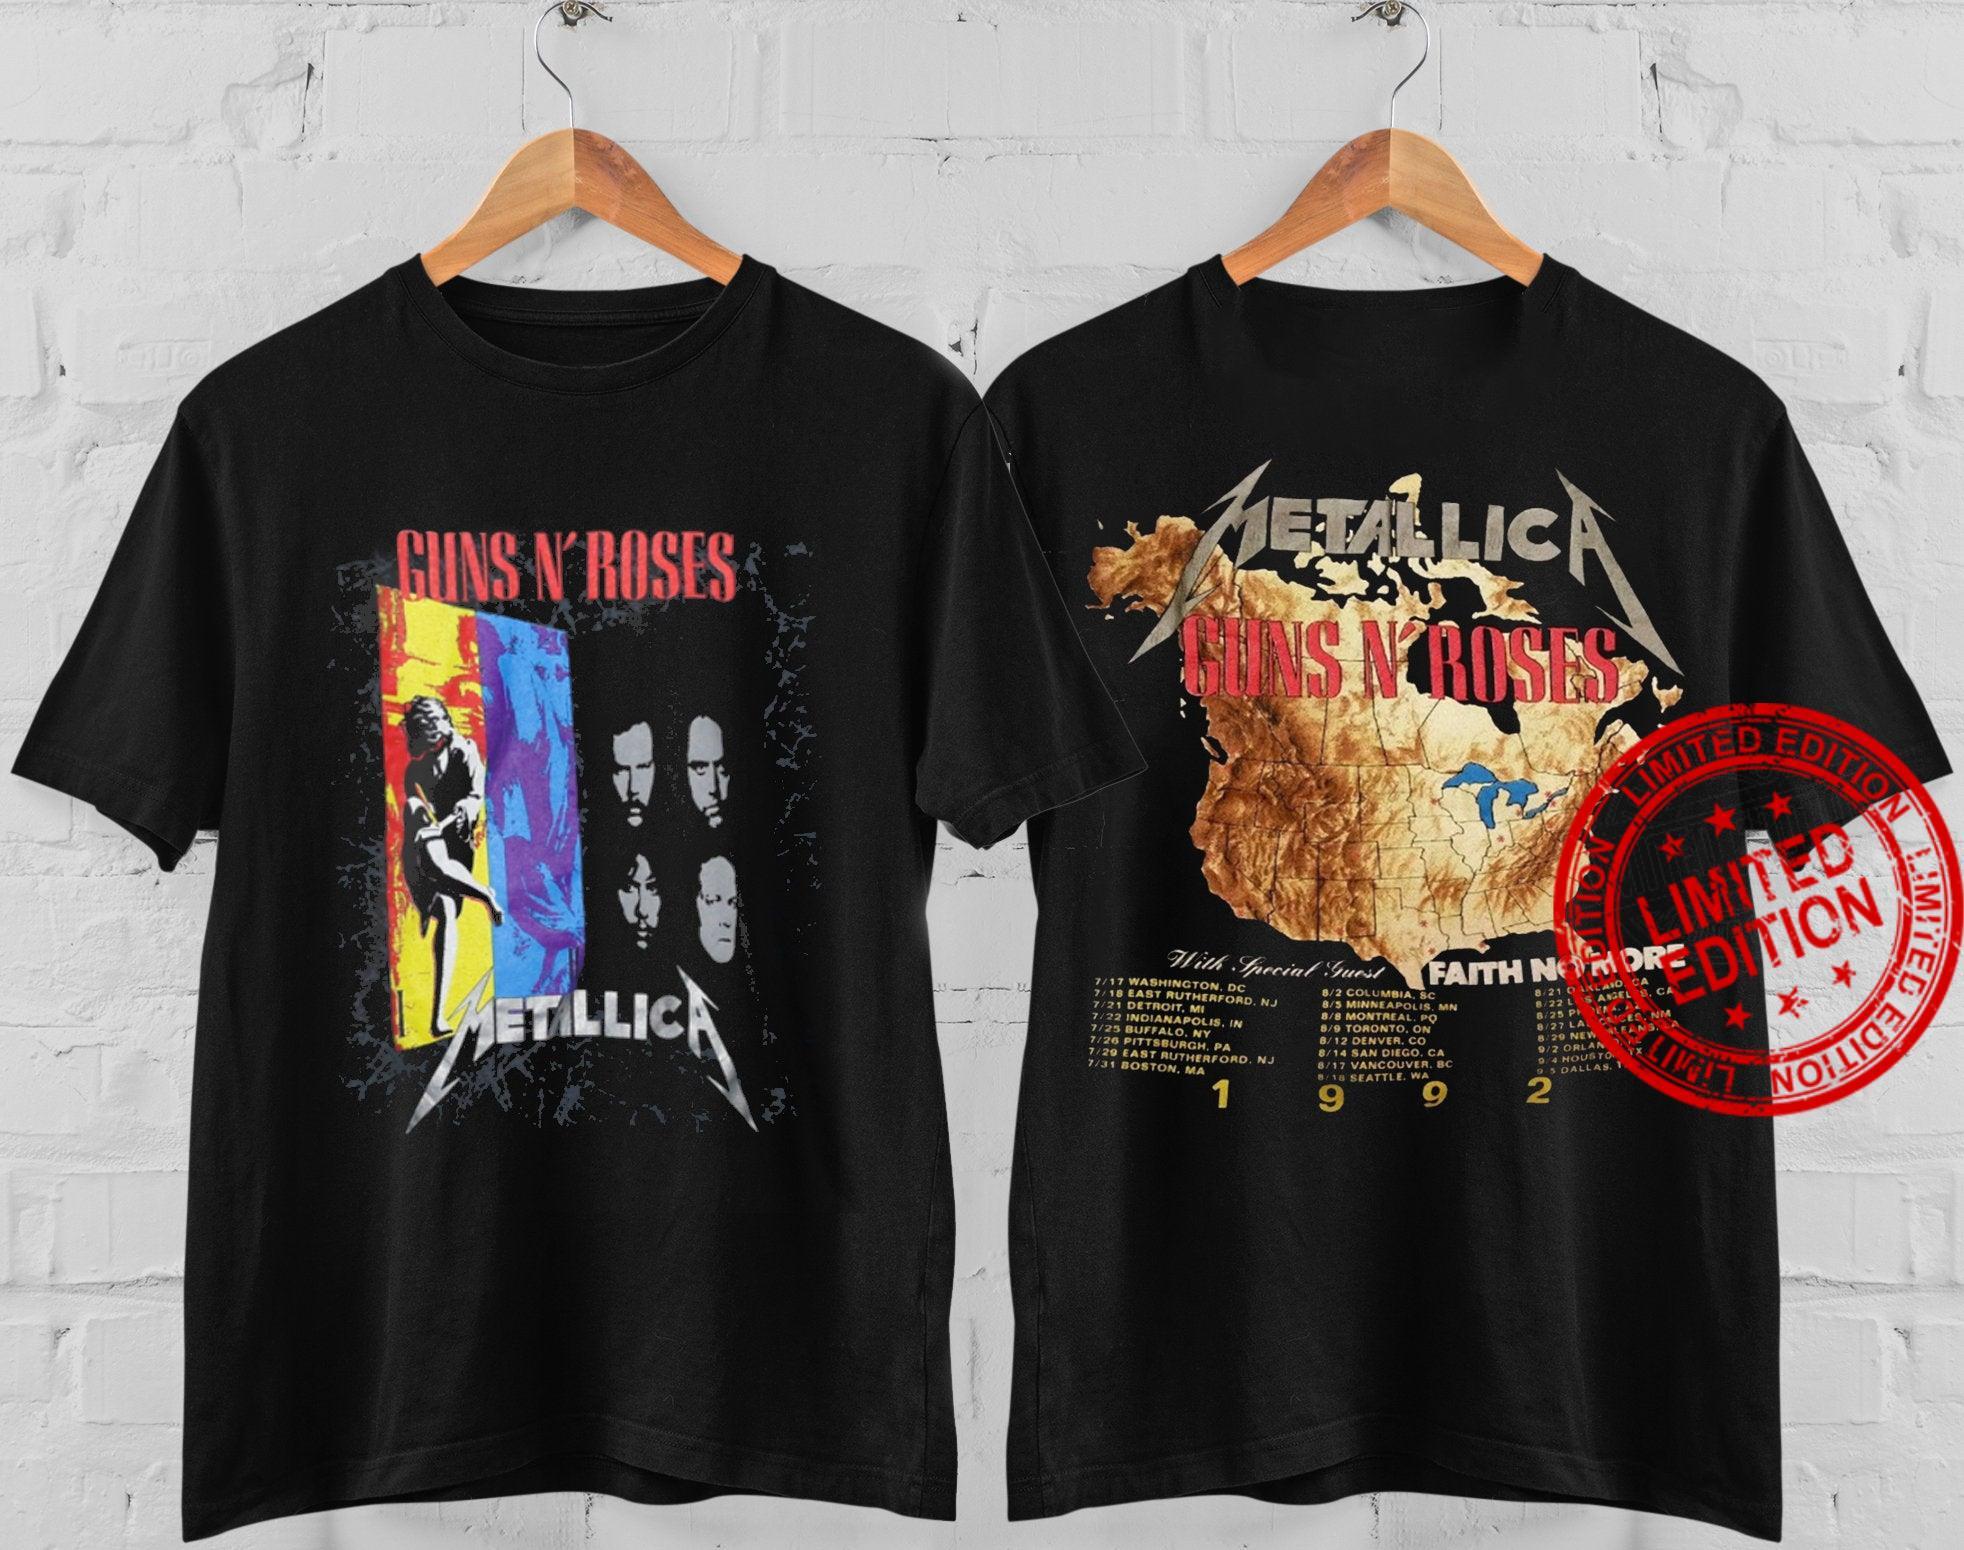 Vintage Guns N Roses X Metallica Faith No More 1992 Tour Concert Shirt